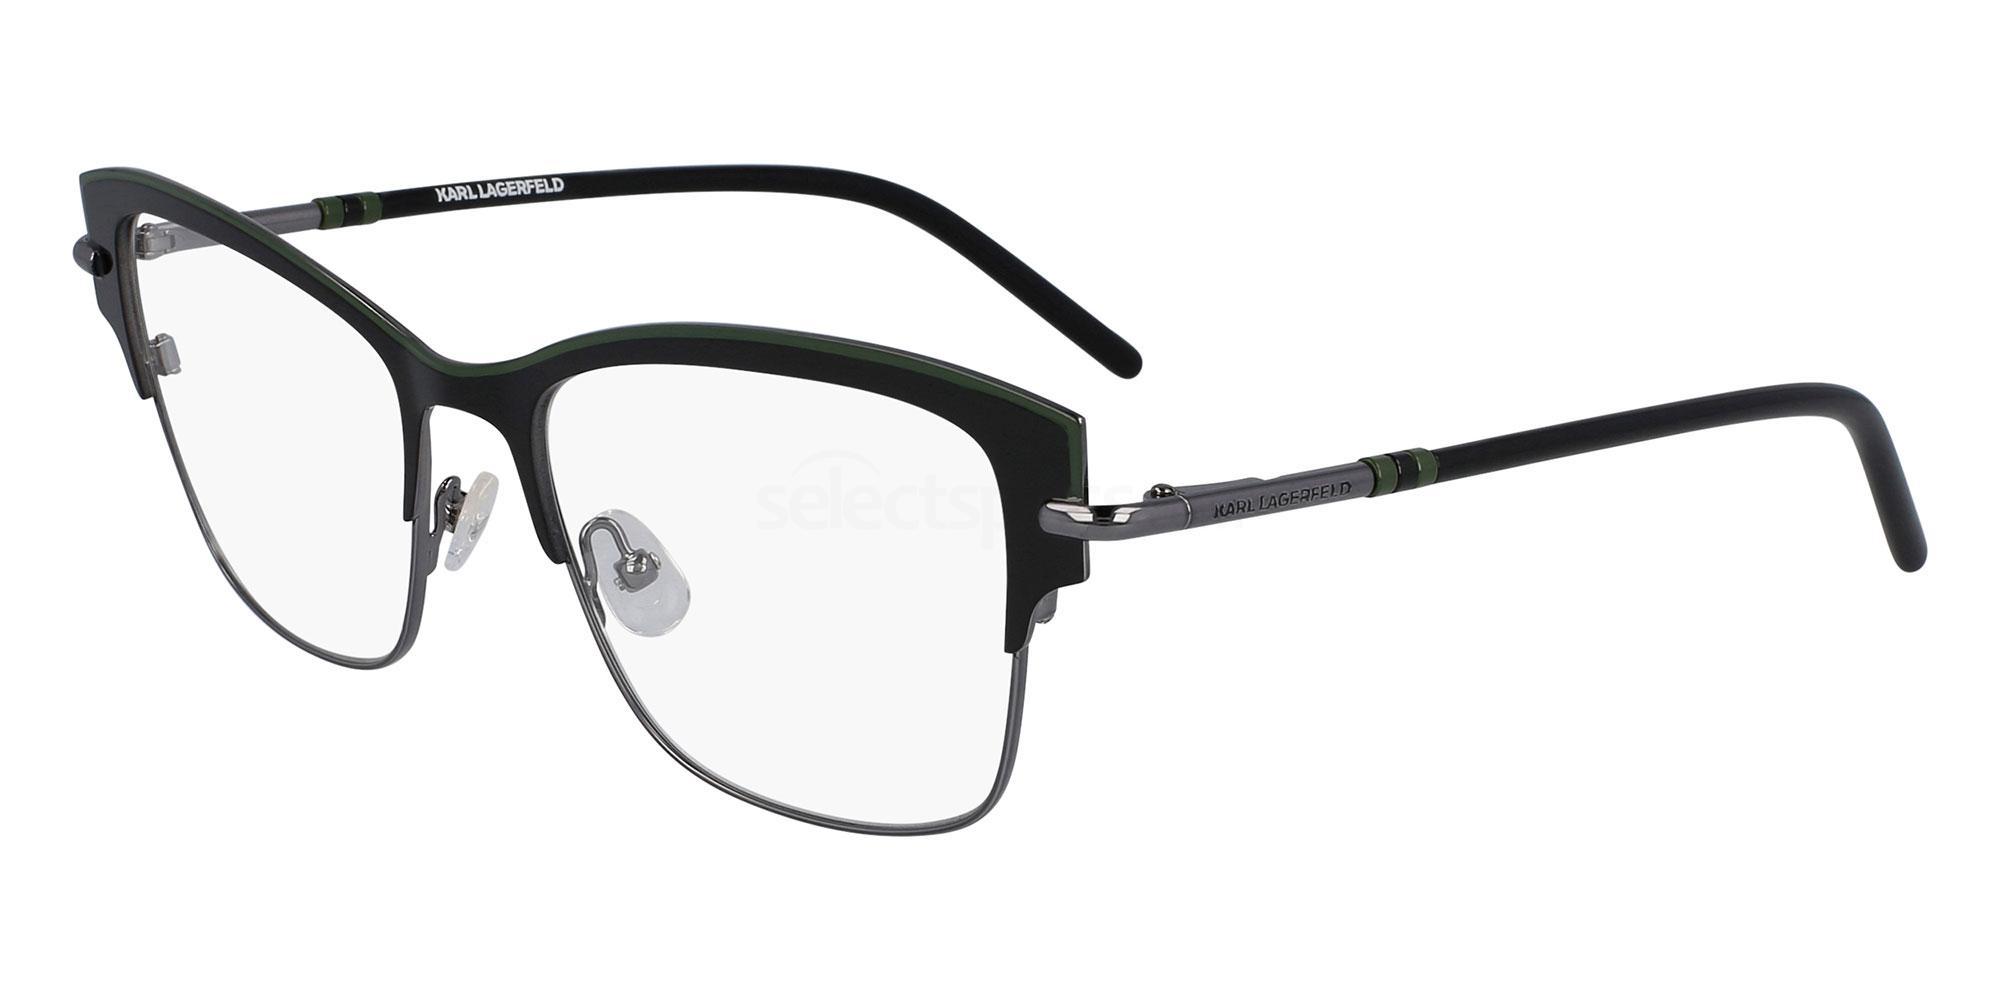 501 KL278 Glasses, Karl Lagerfeld